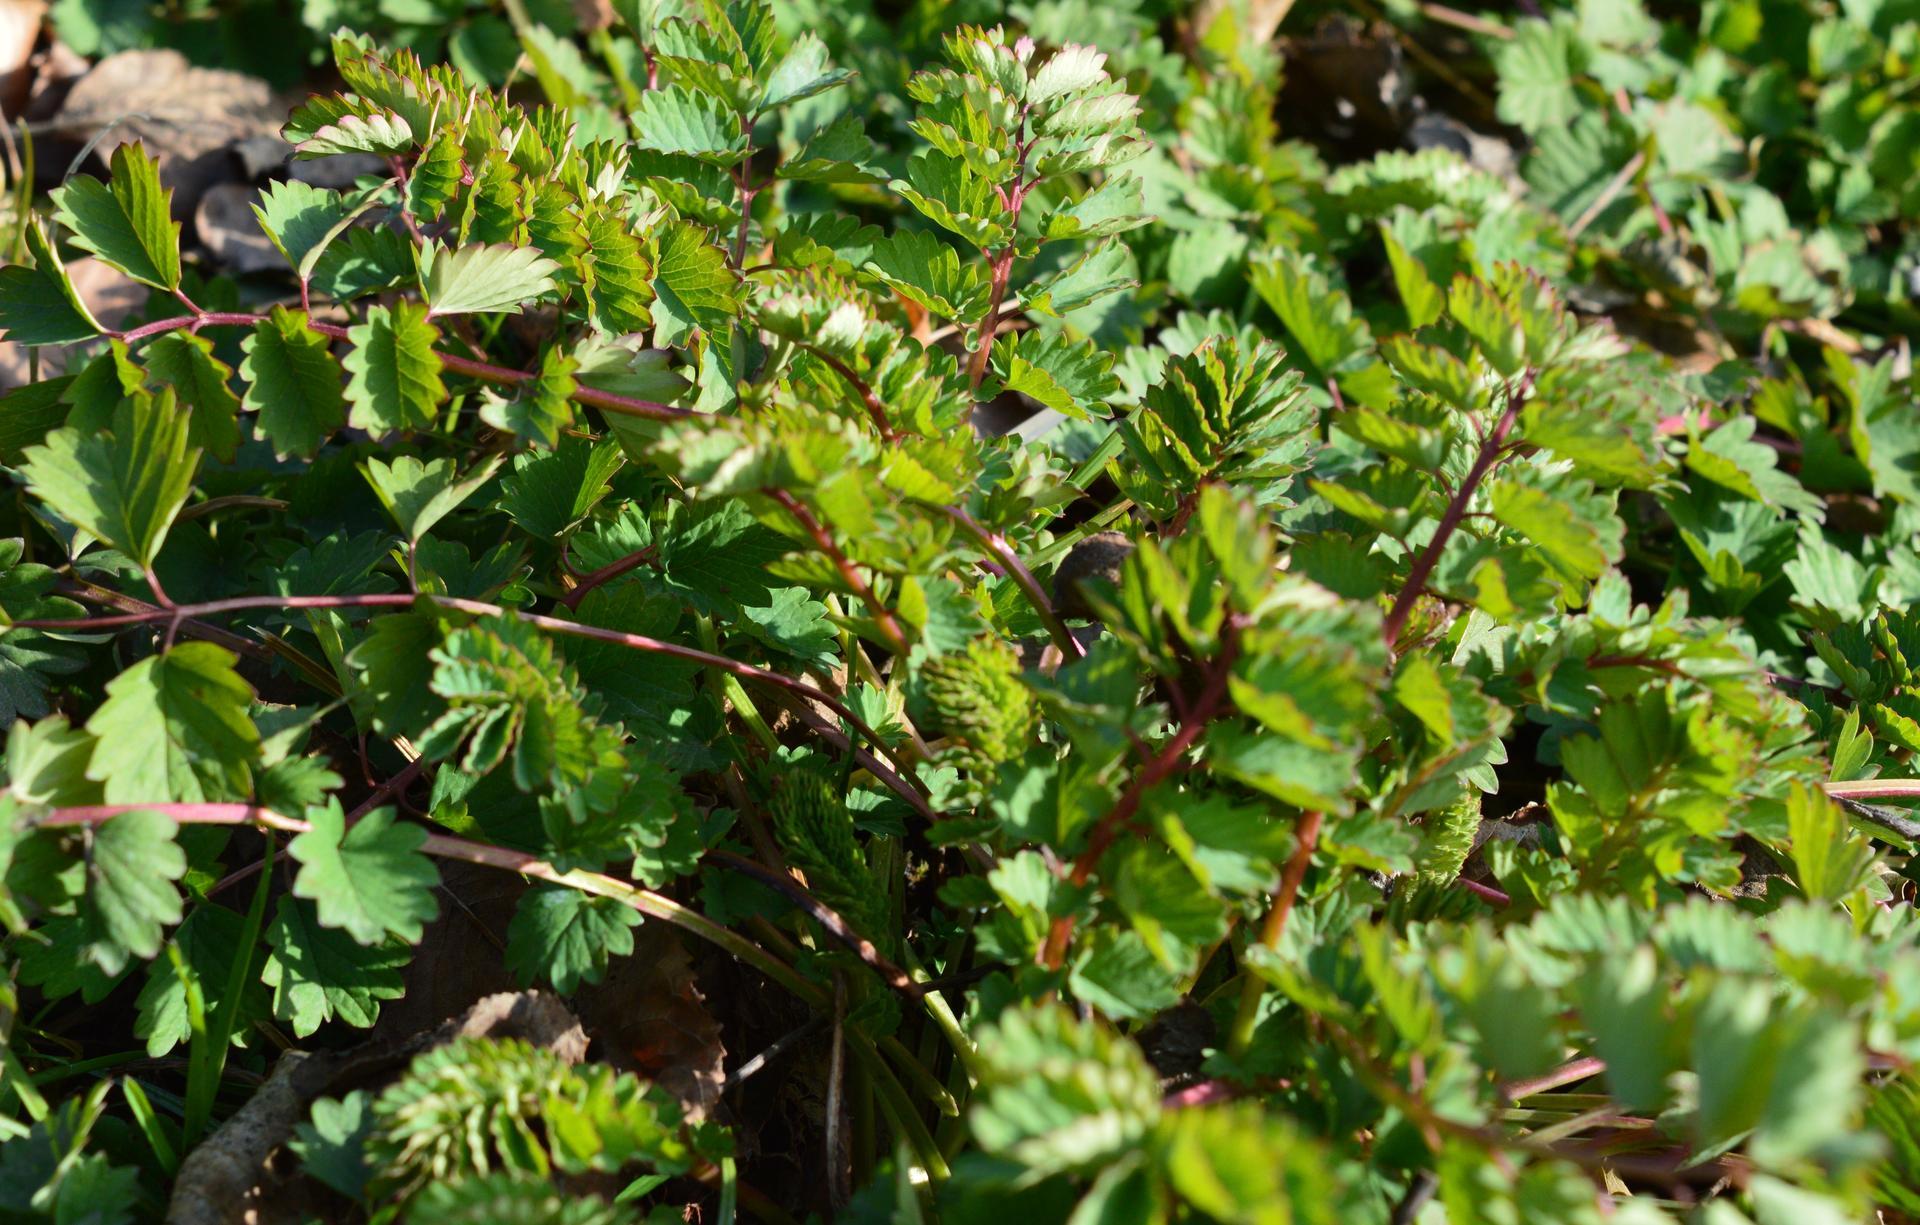 Naša prírodná perma záhradka v roku 2021 - 3/2021 - krvavec (šalál) menší fičal nazeleno celú zimu. Ďalšia zo zásobovacích byliniek počas zimy.